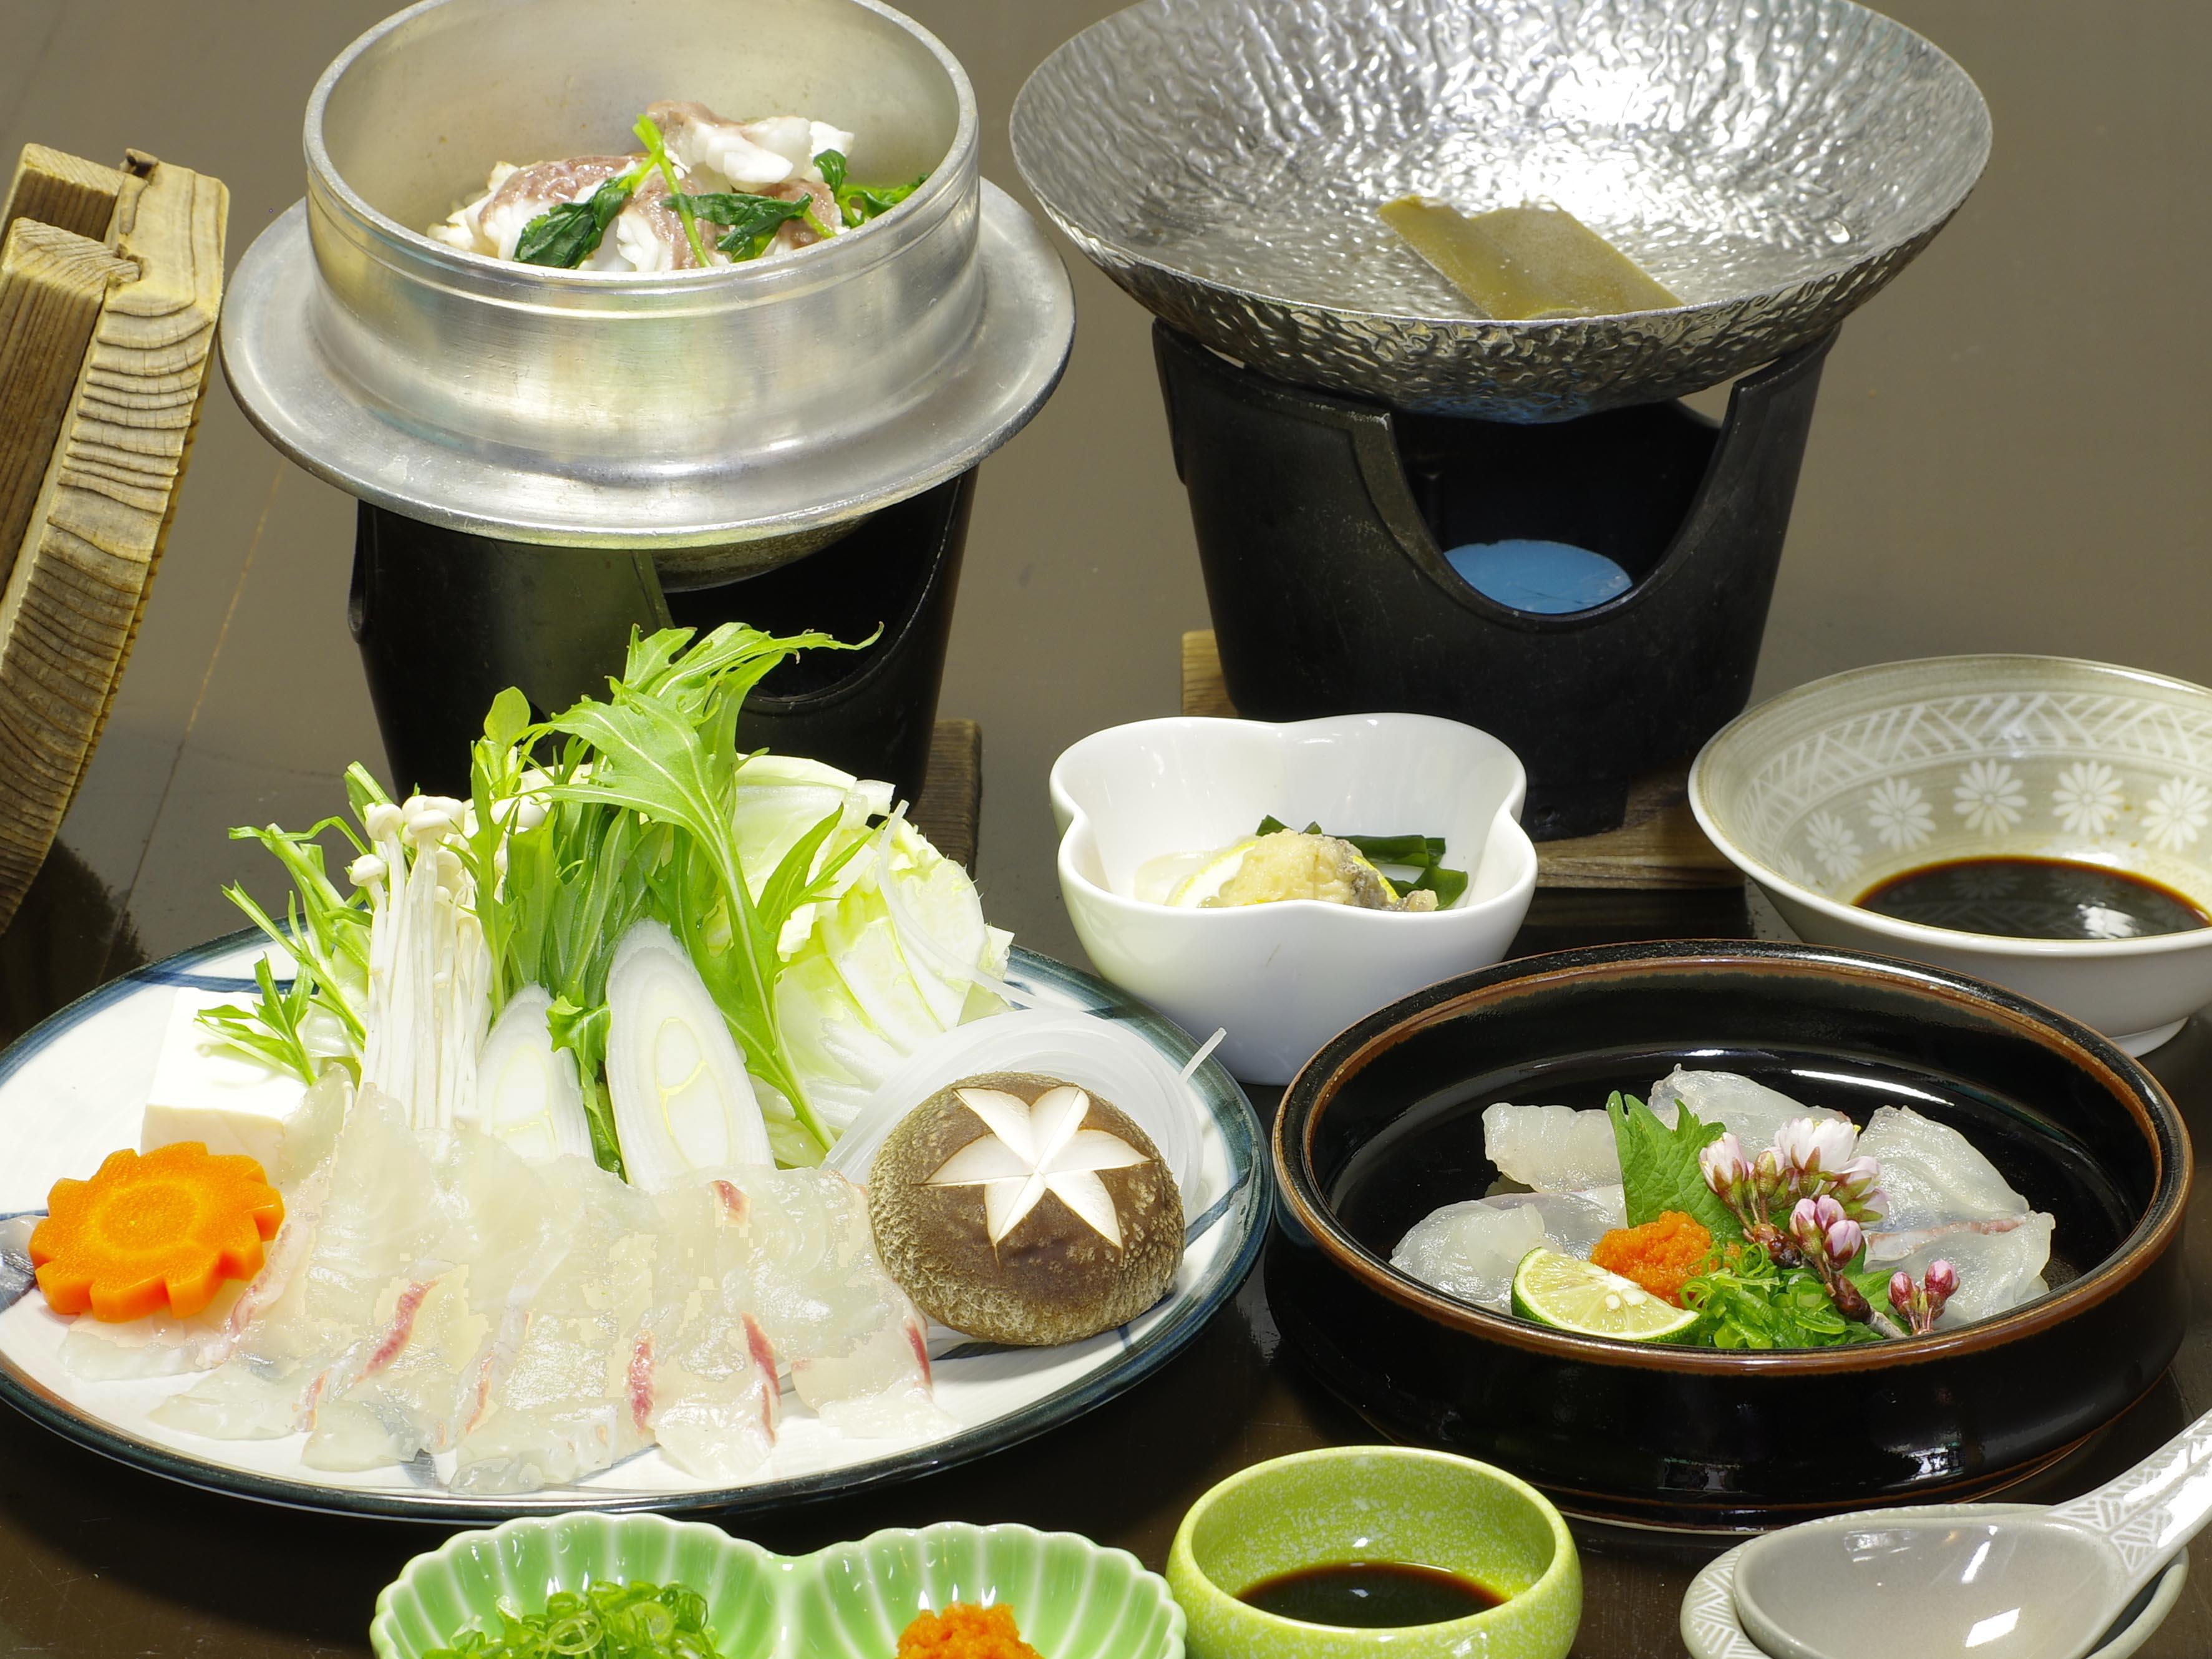 【旬の味覚】まだいしゃぶしゃぶ小鍋と釜飯御膳+温泉付き!!!